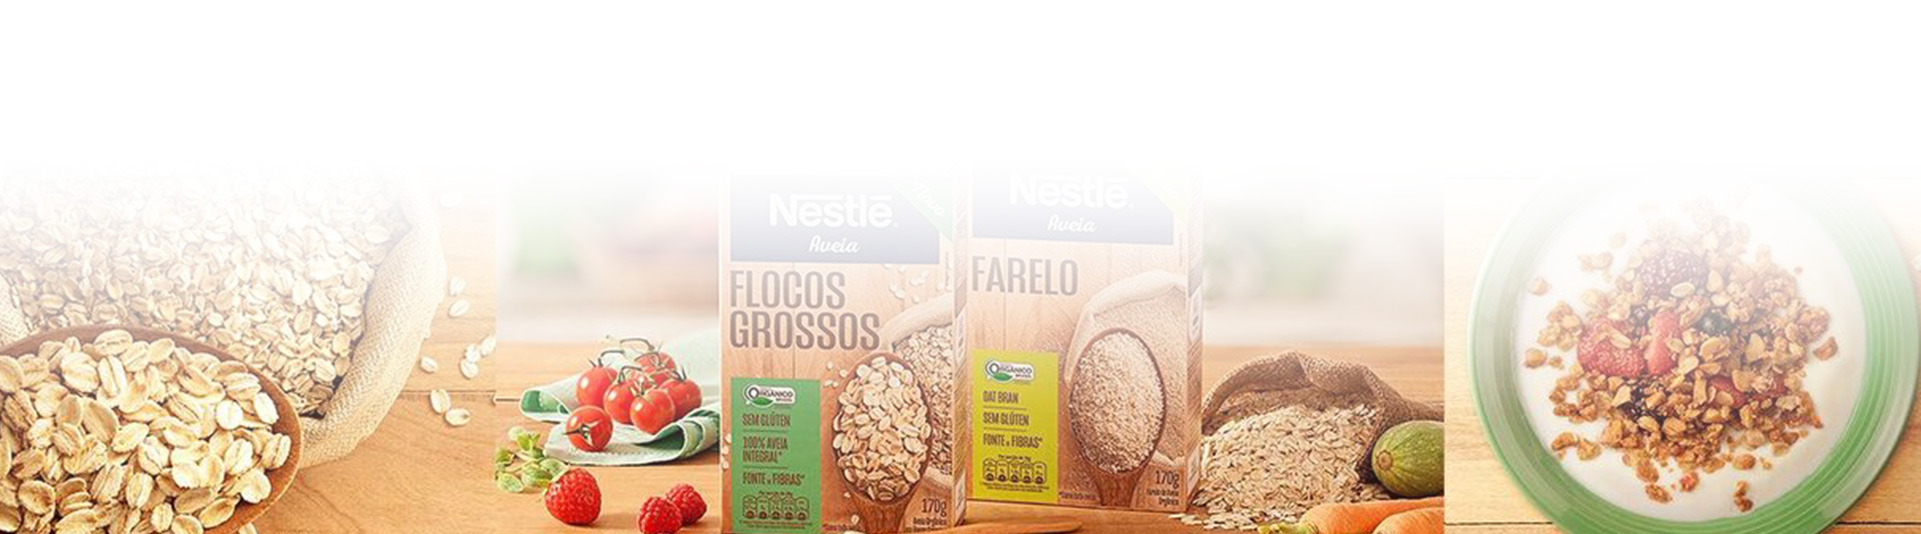 Nestlé Aveias